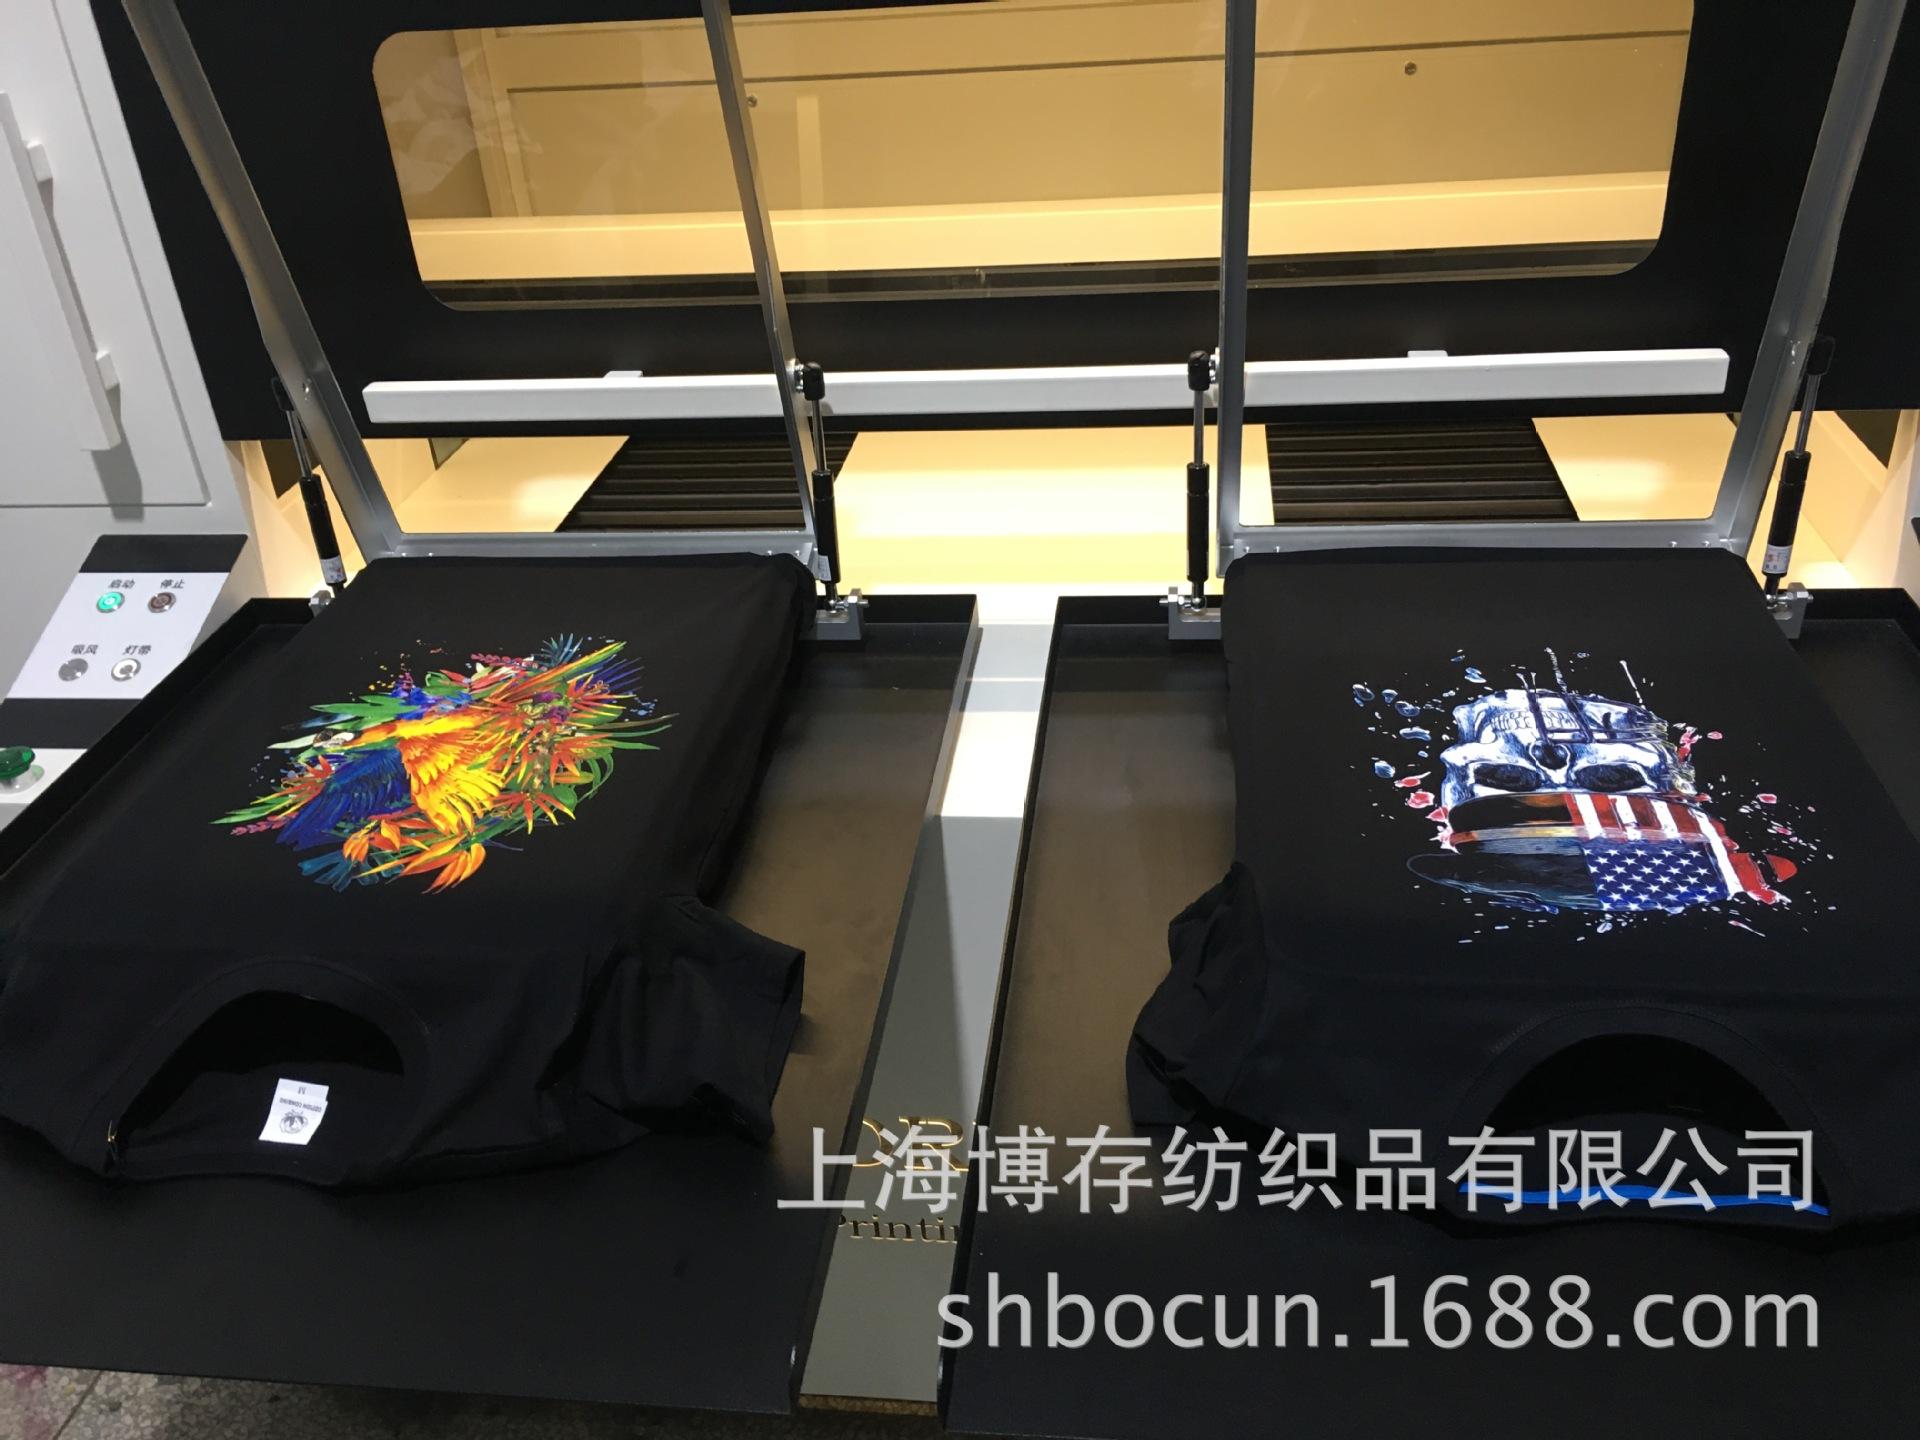 定做3d数码印花t恤 26支精全棉t恤数码直喷印花加工 定制加工